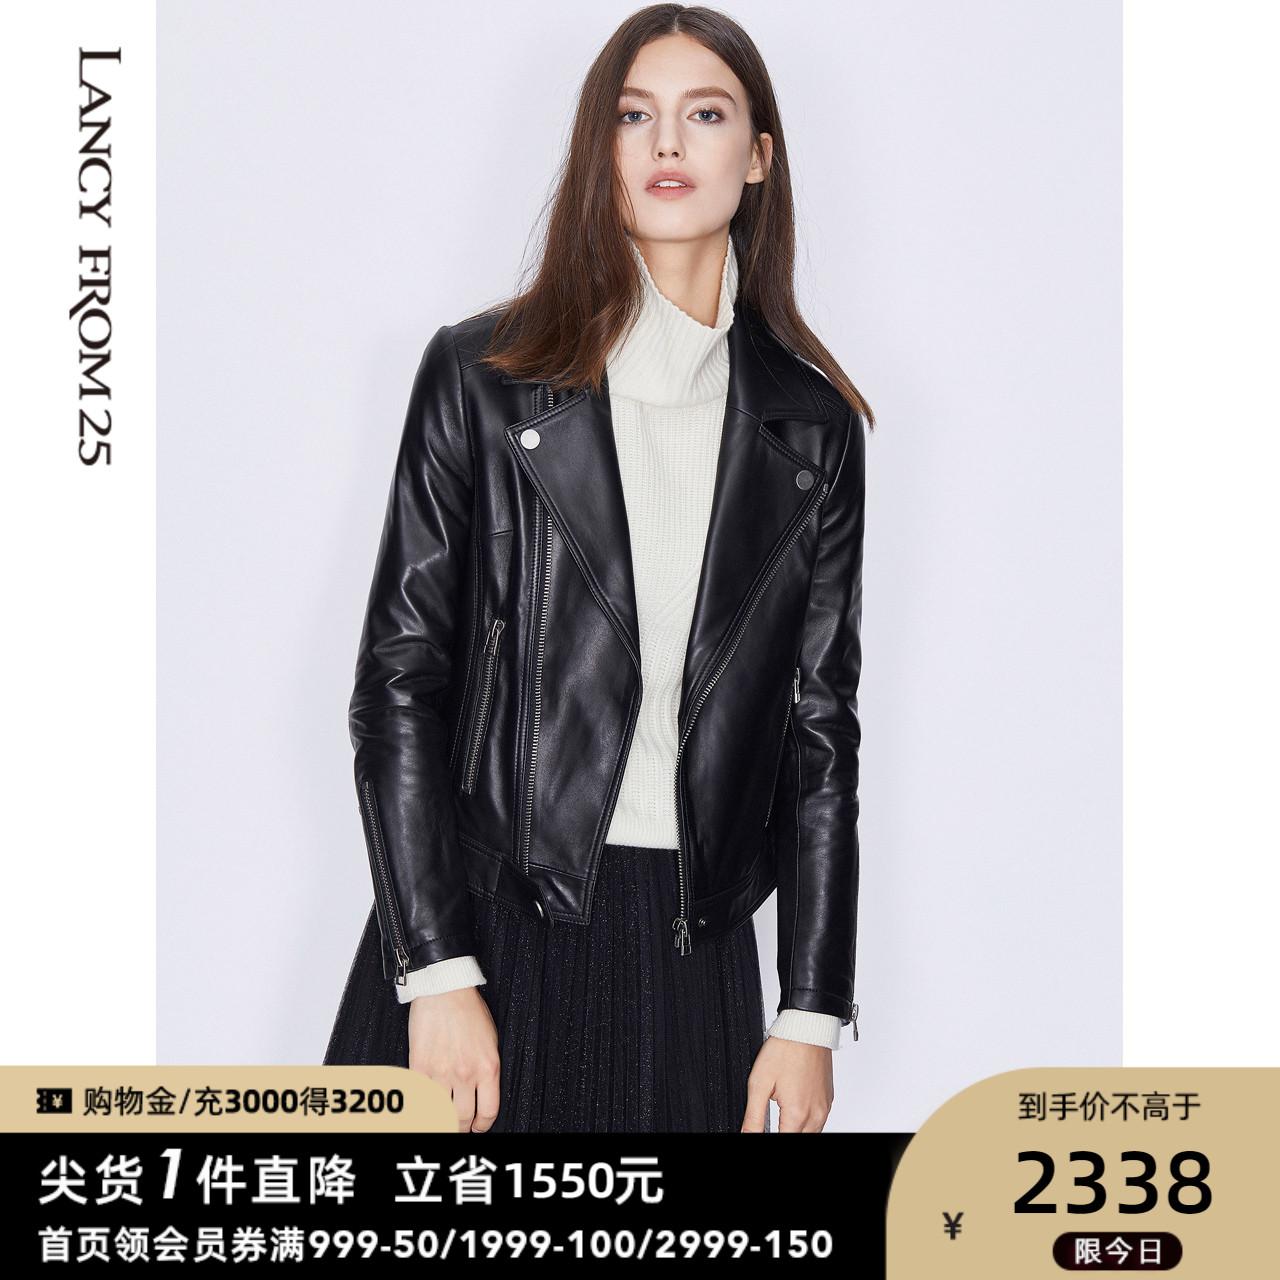 黑色皮衣 朗姿商场同款皮夹克春装新款女装黑色外套短款西装领皮衣_推荐淘宝好看的黑色皮衣